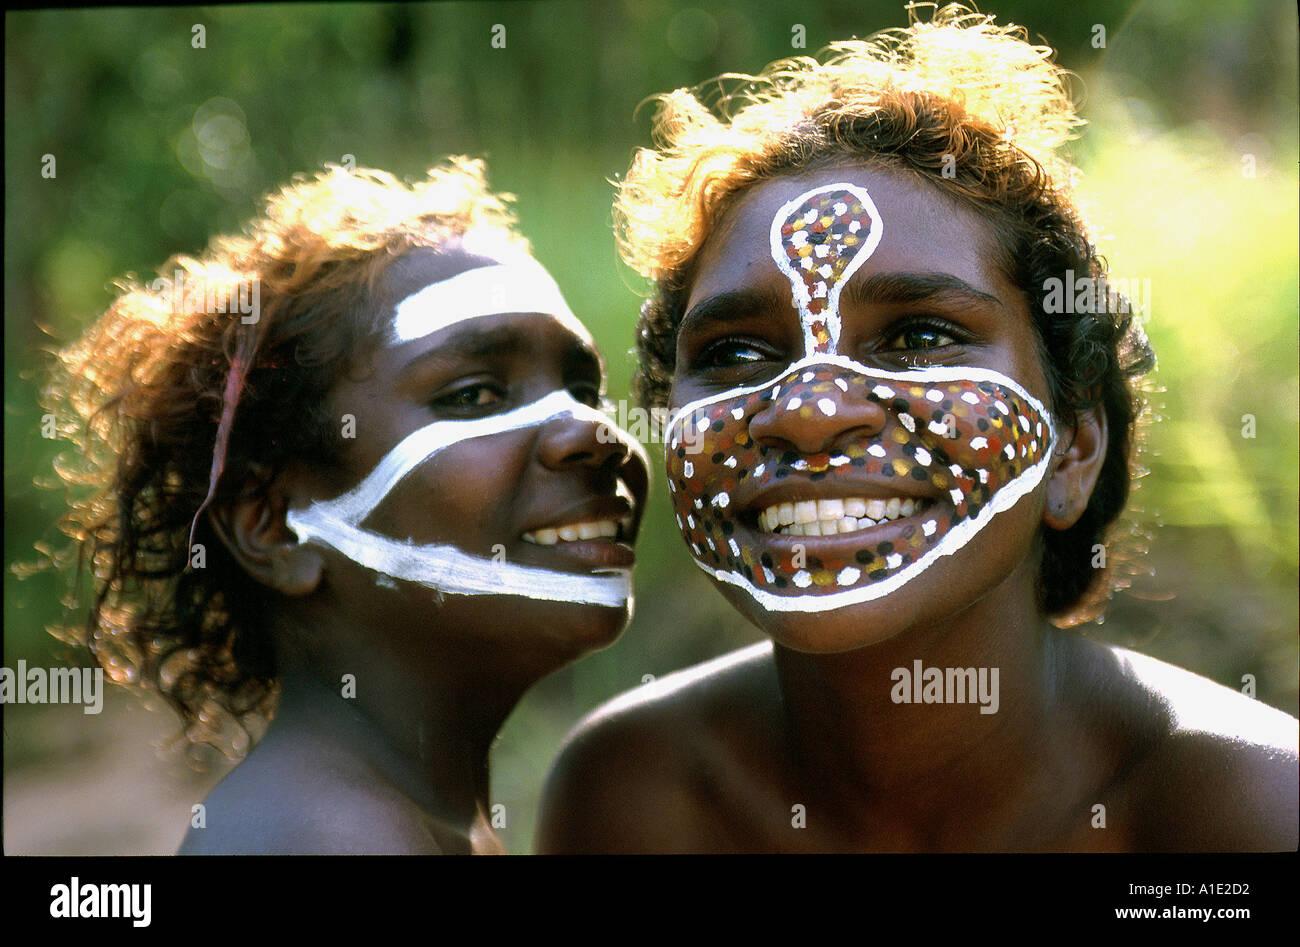 Sorelle aborigeni Tessa e Jane godere di pittura le loro facce con il loro clan motivazioni e totem in remoto in Ramingining ArnhemLand Immagini Stock